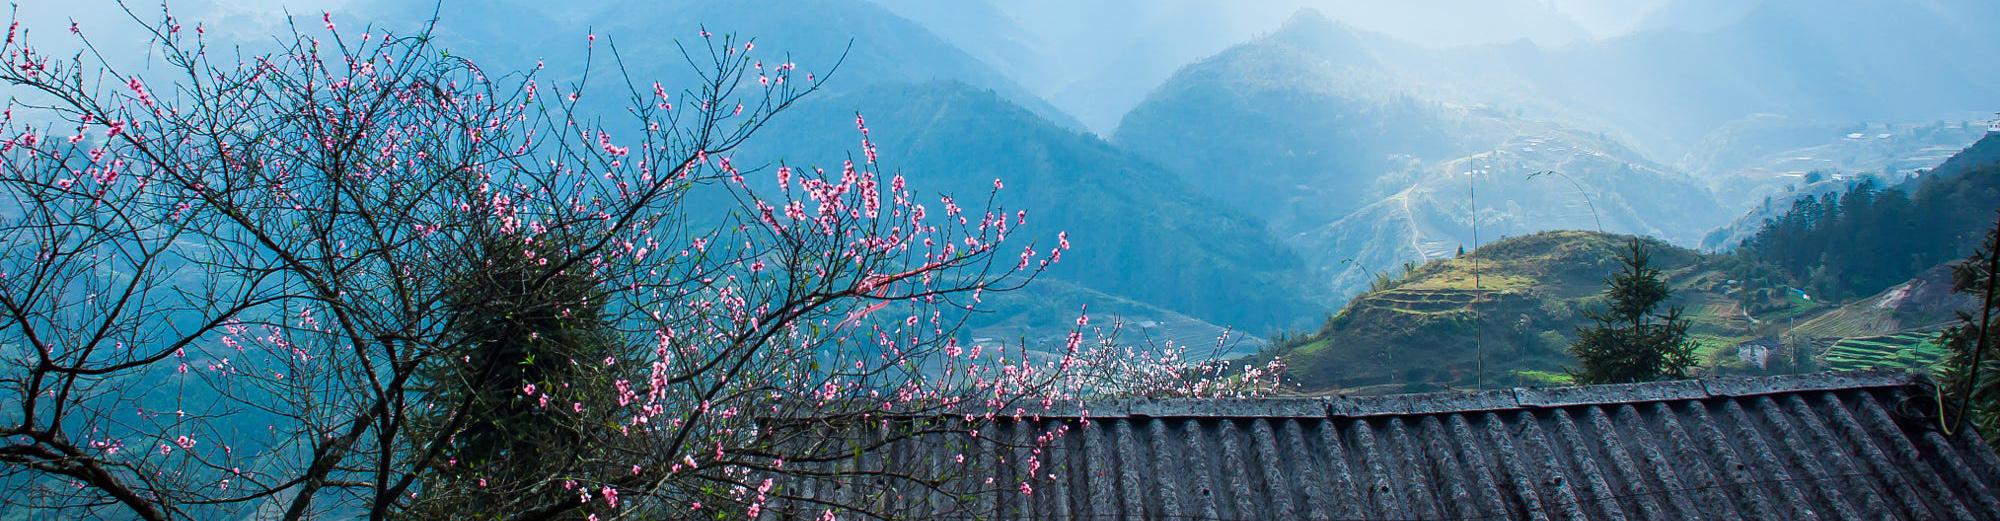 mùa xuân trên những mái nhà